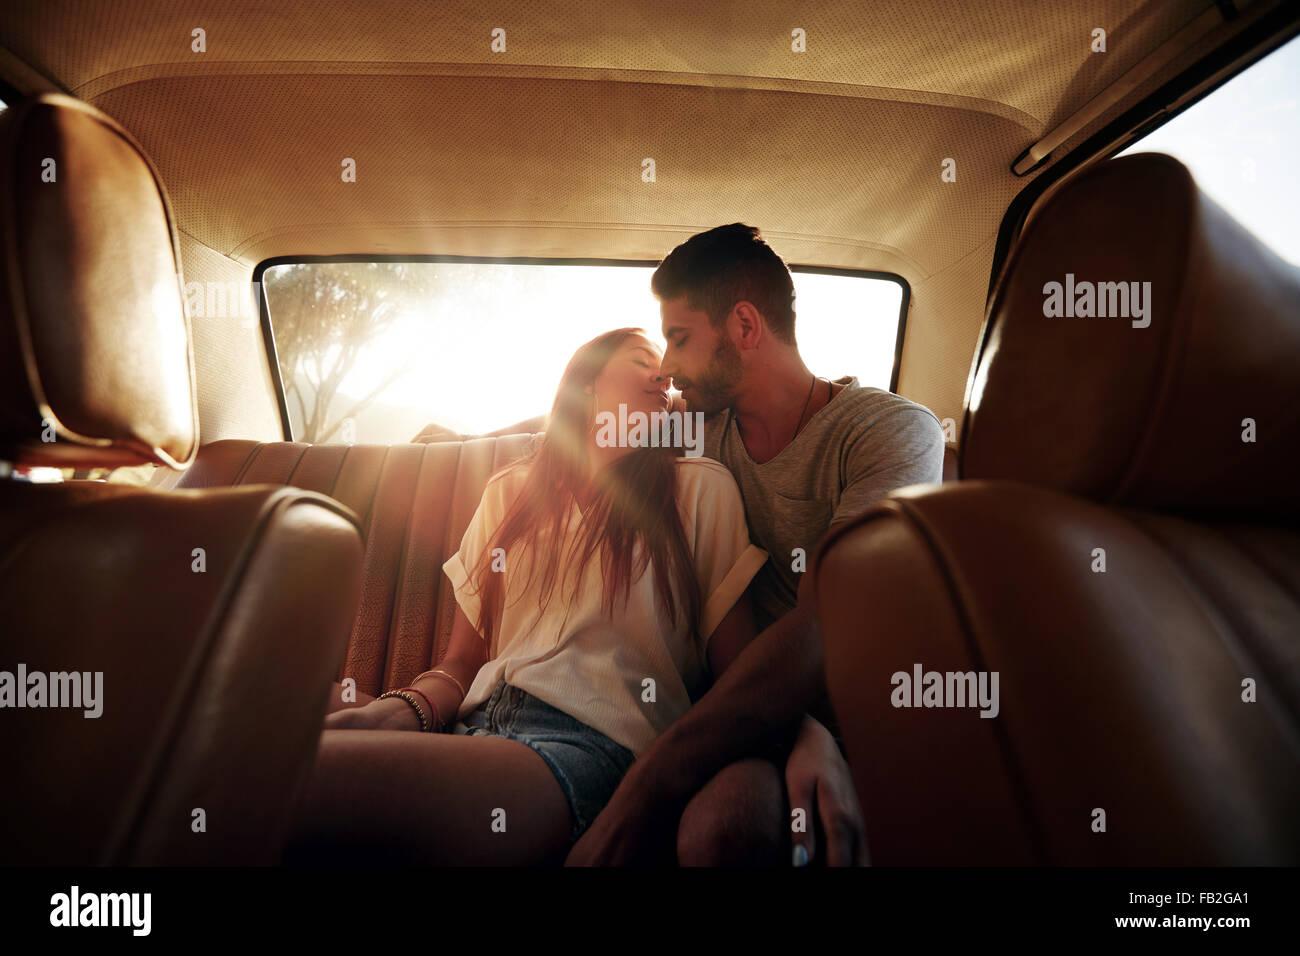 Jeune couple romantique dans la région de siège arrière de voiture. Couple aimant on road trip. Photo Stock